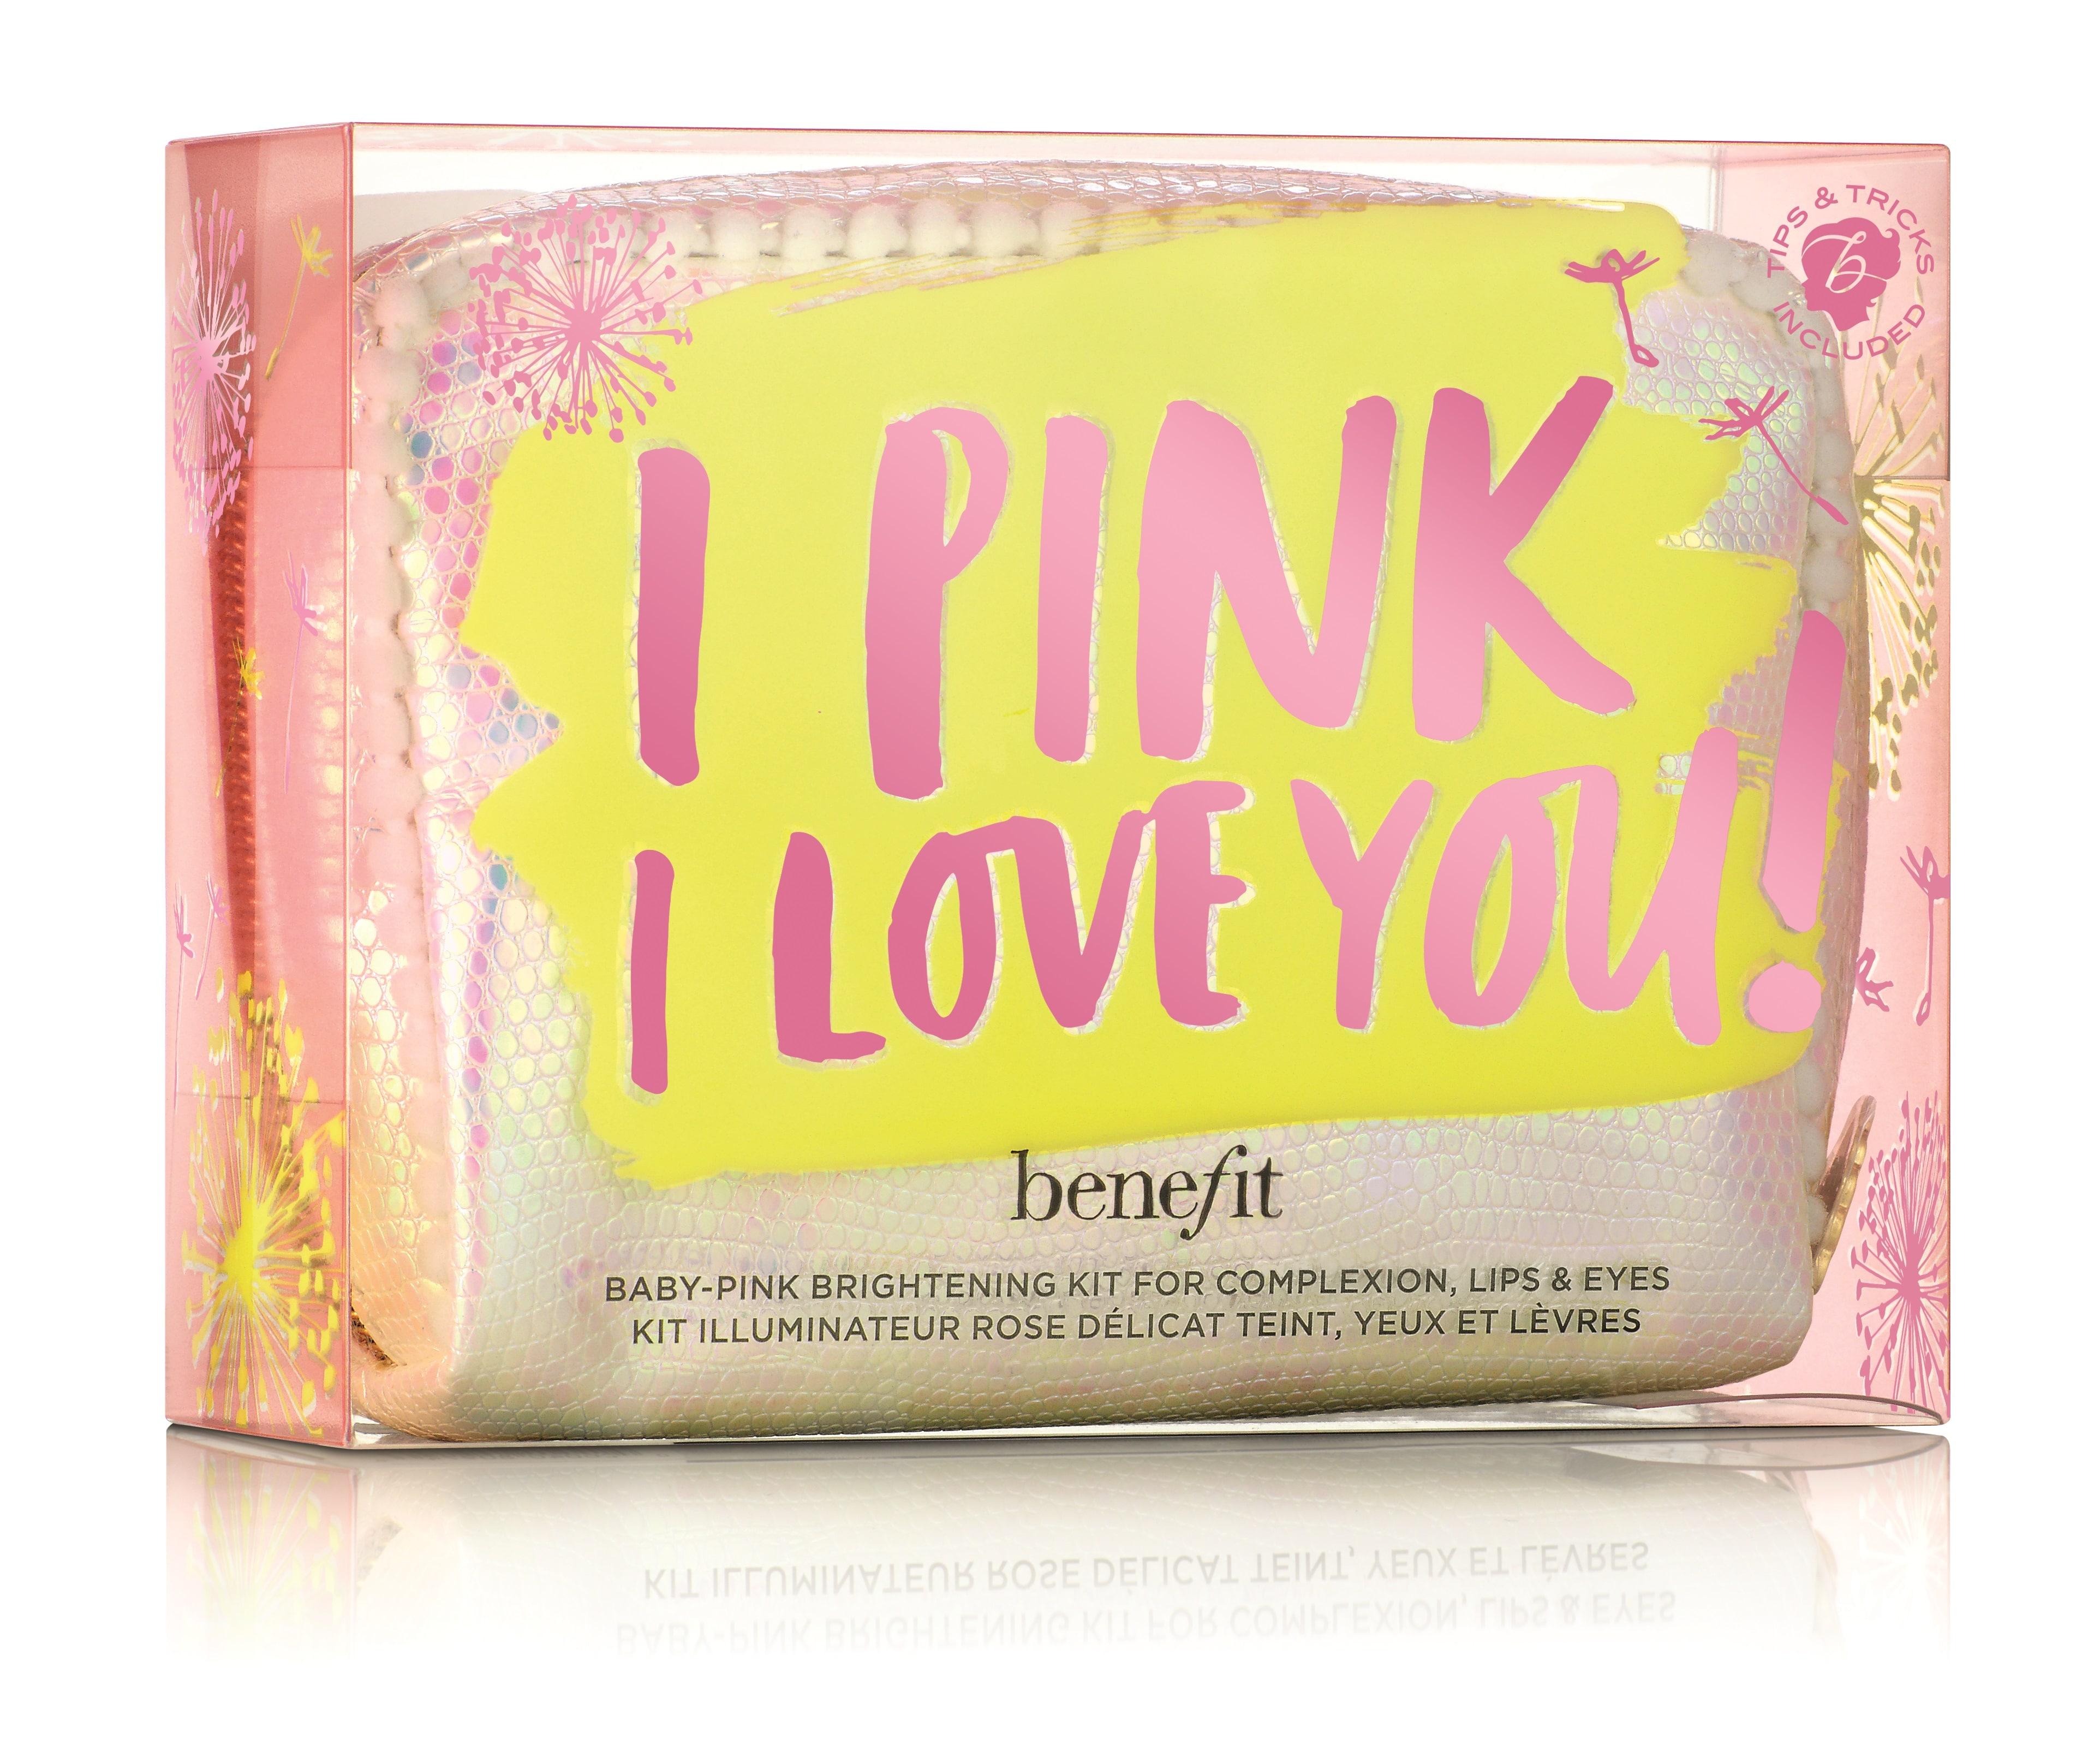 Benefit autunno-inverno 2017: la pochette da collezione I Pink Love You!